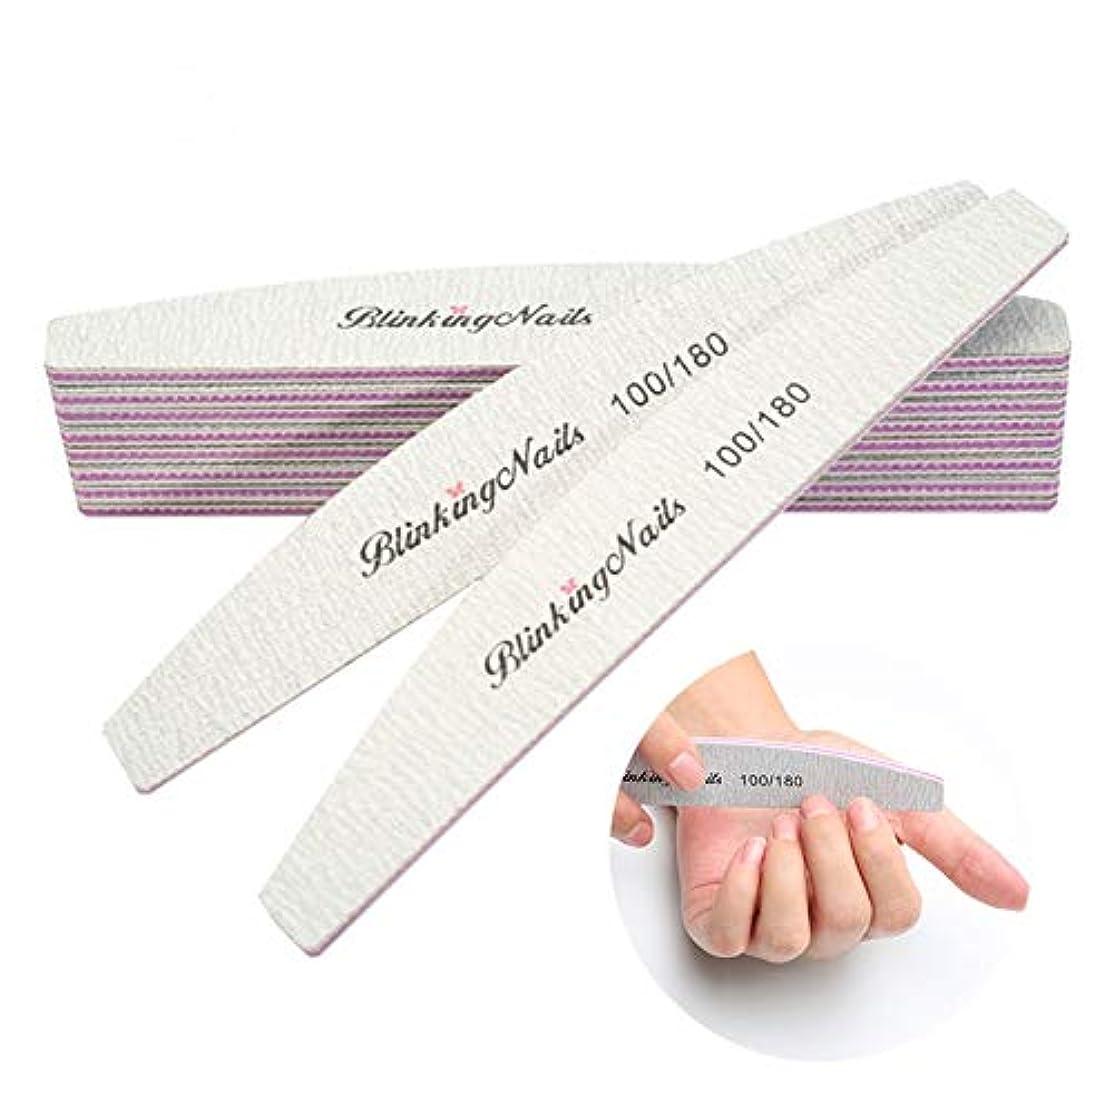 報奨金溶接脆い研磨ツール100/180砂 爪やすり ネイルシャイナー ネイルケア 携帯に便利です 水洗いできます 洗濯可プロネイルやすり 10本入